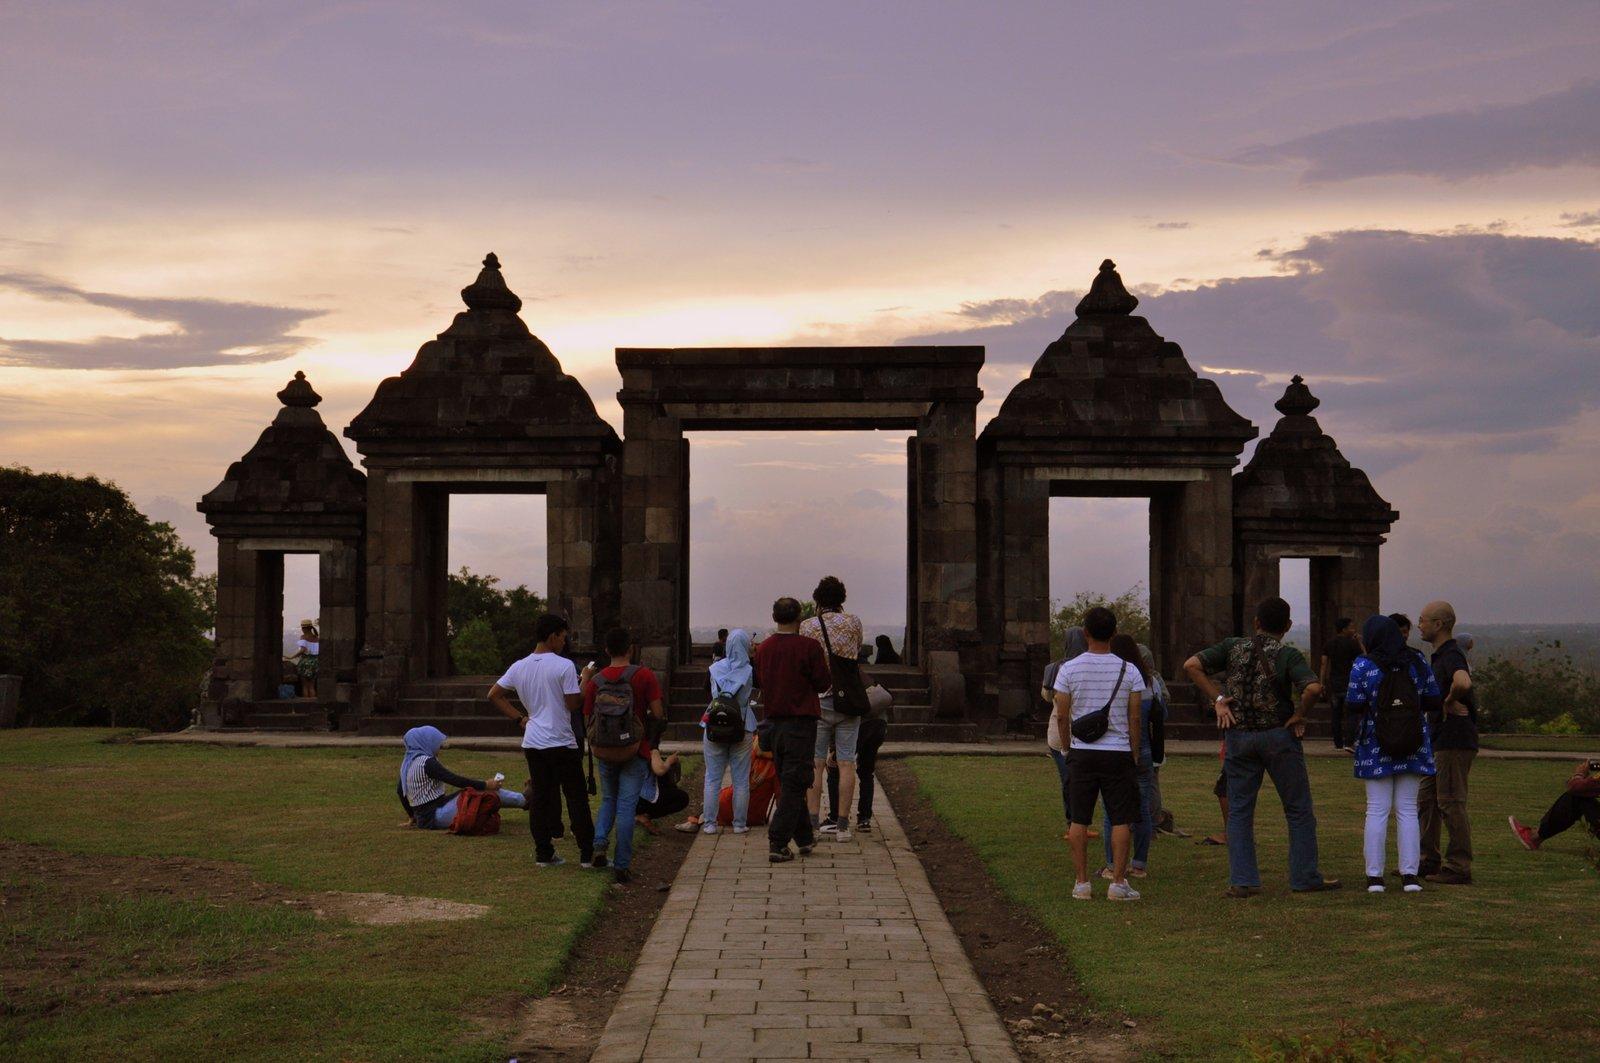 Puesta de sol en Ratu Boko en Indonesia